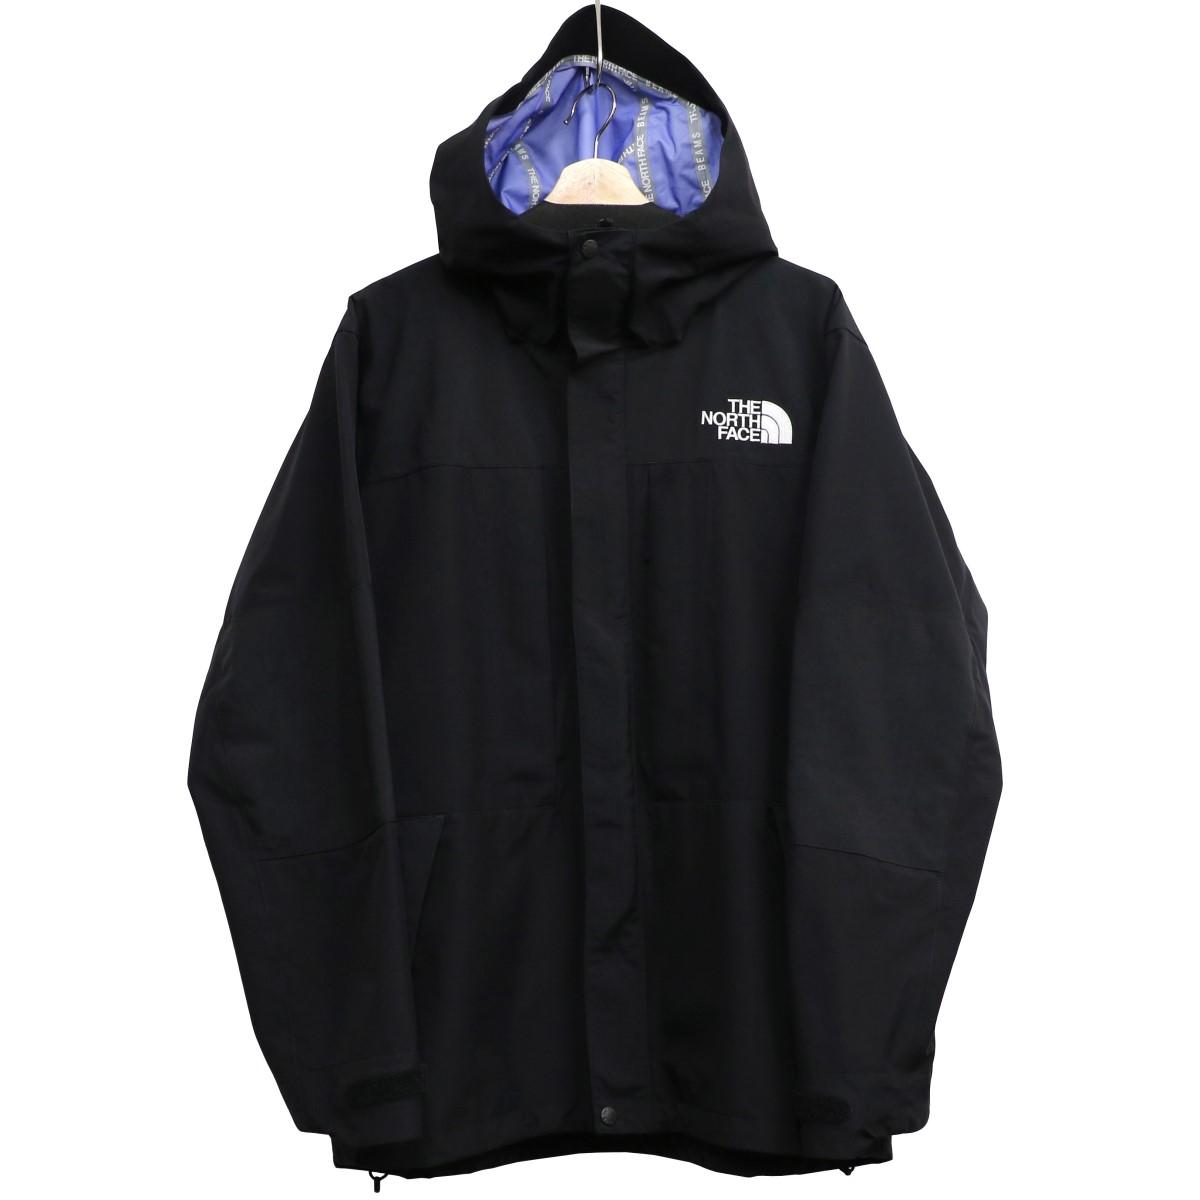 【中古】BEAMS×THE NORTH FACE 17AW Expedition Light Parkaライトジャケットマウンテンパーカー ブラック サイズ:XL 【020520】(ビームス×ザノースフェイス)